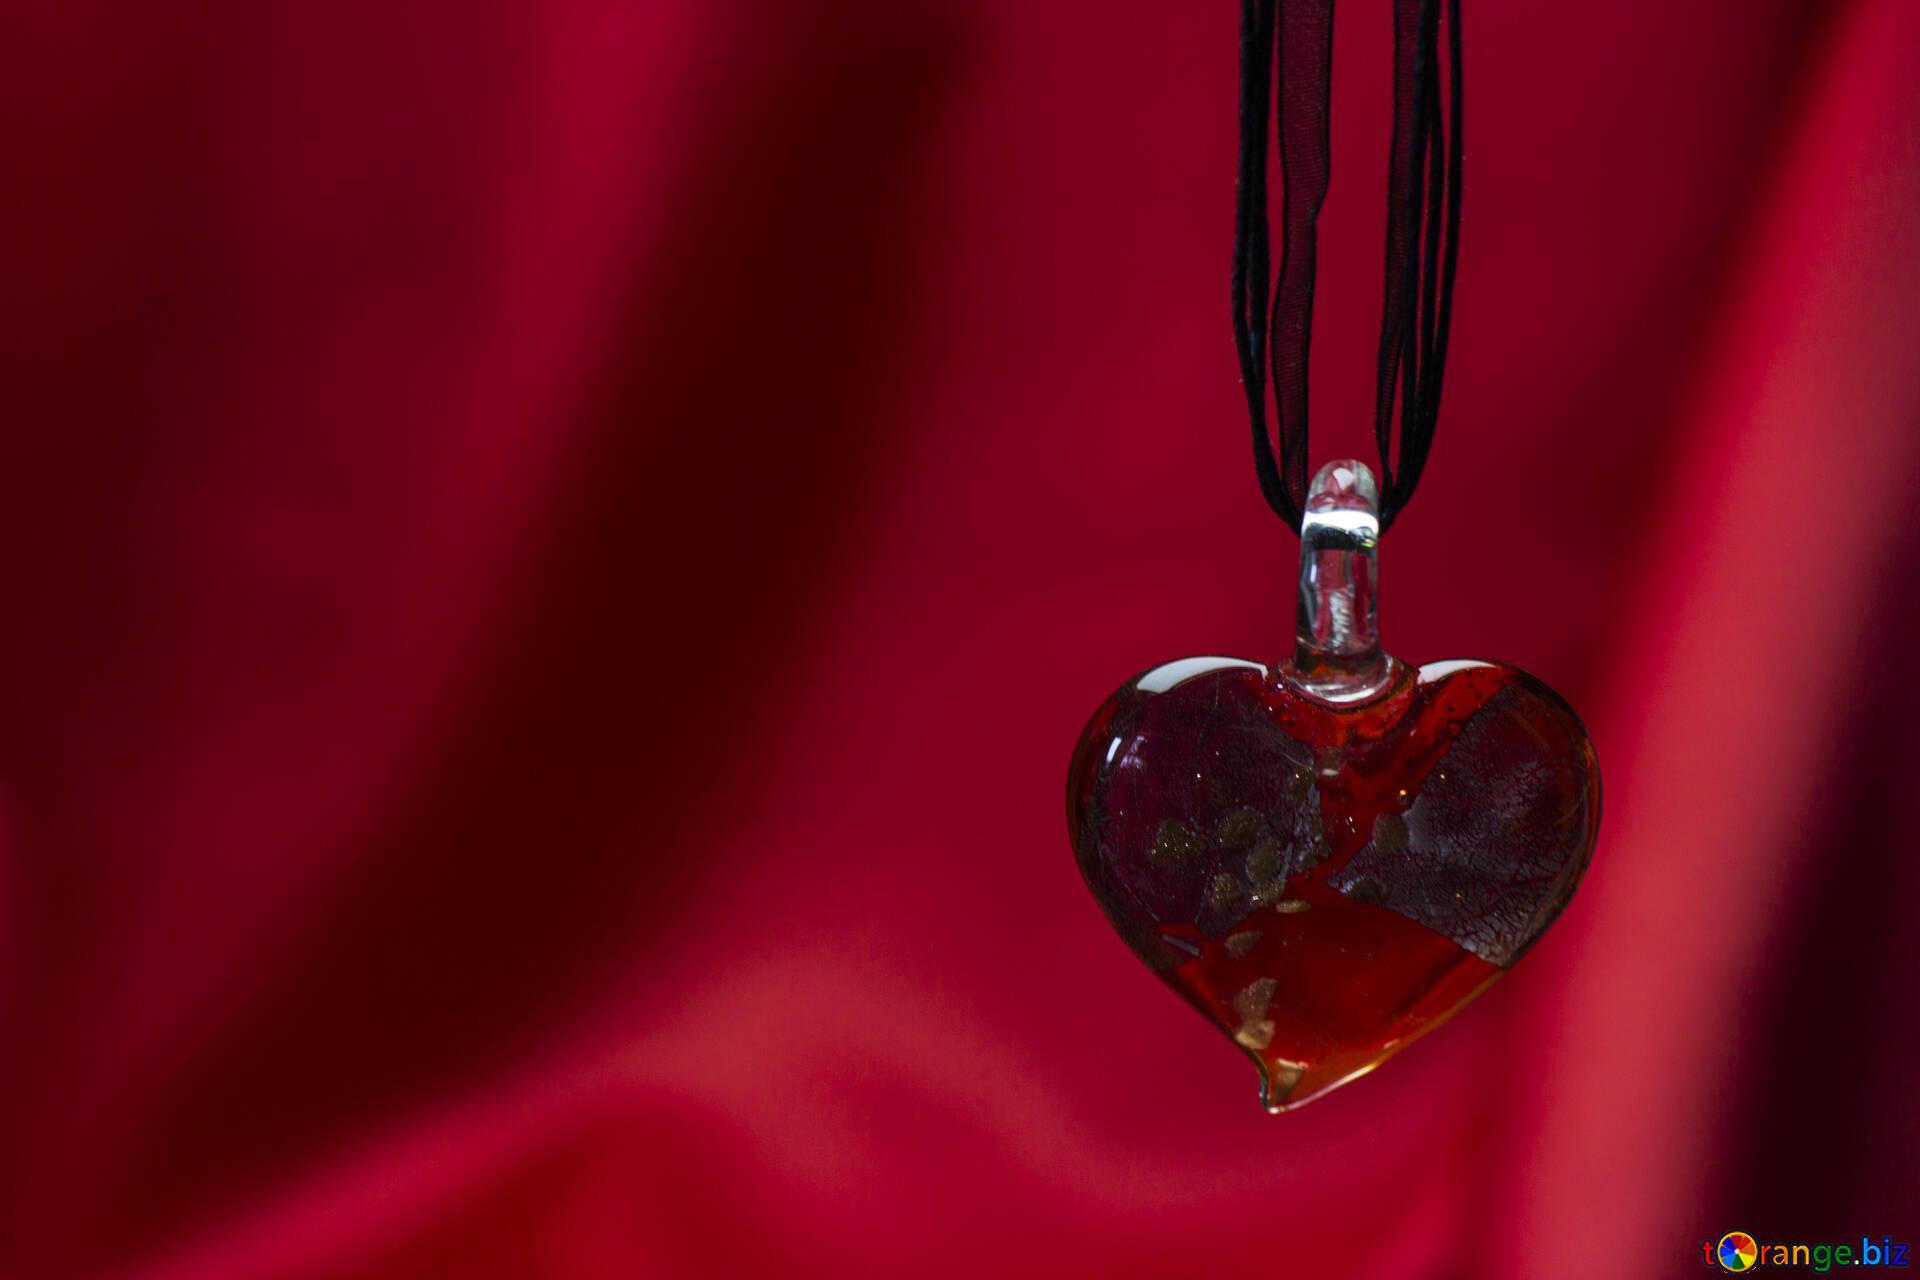 Милые картинки про любовь на рабочий стол (34 фото) • Прикольные ... | 1280x1920